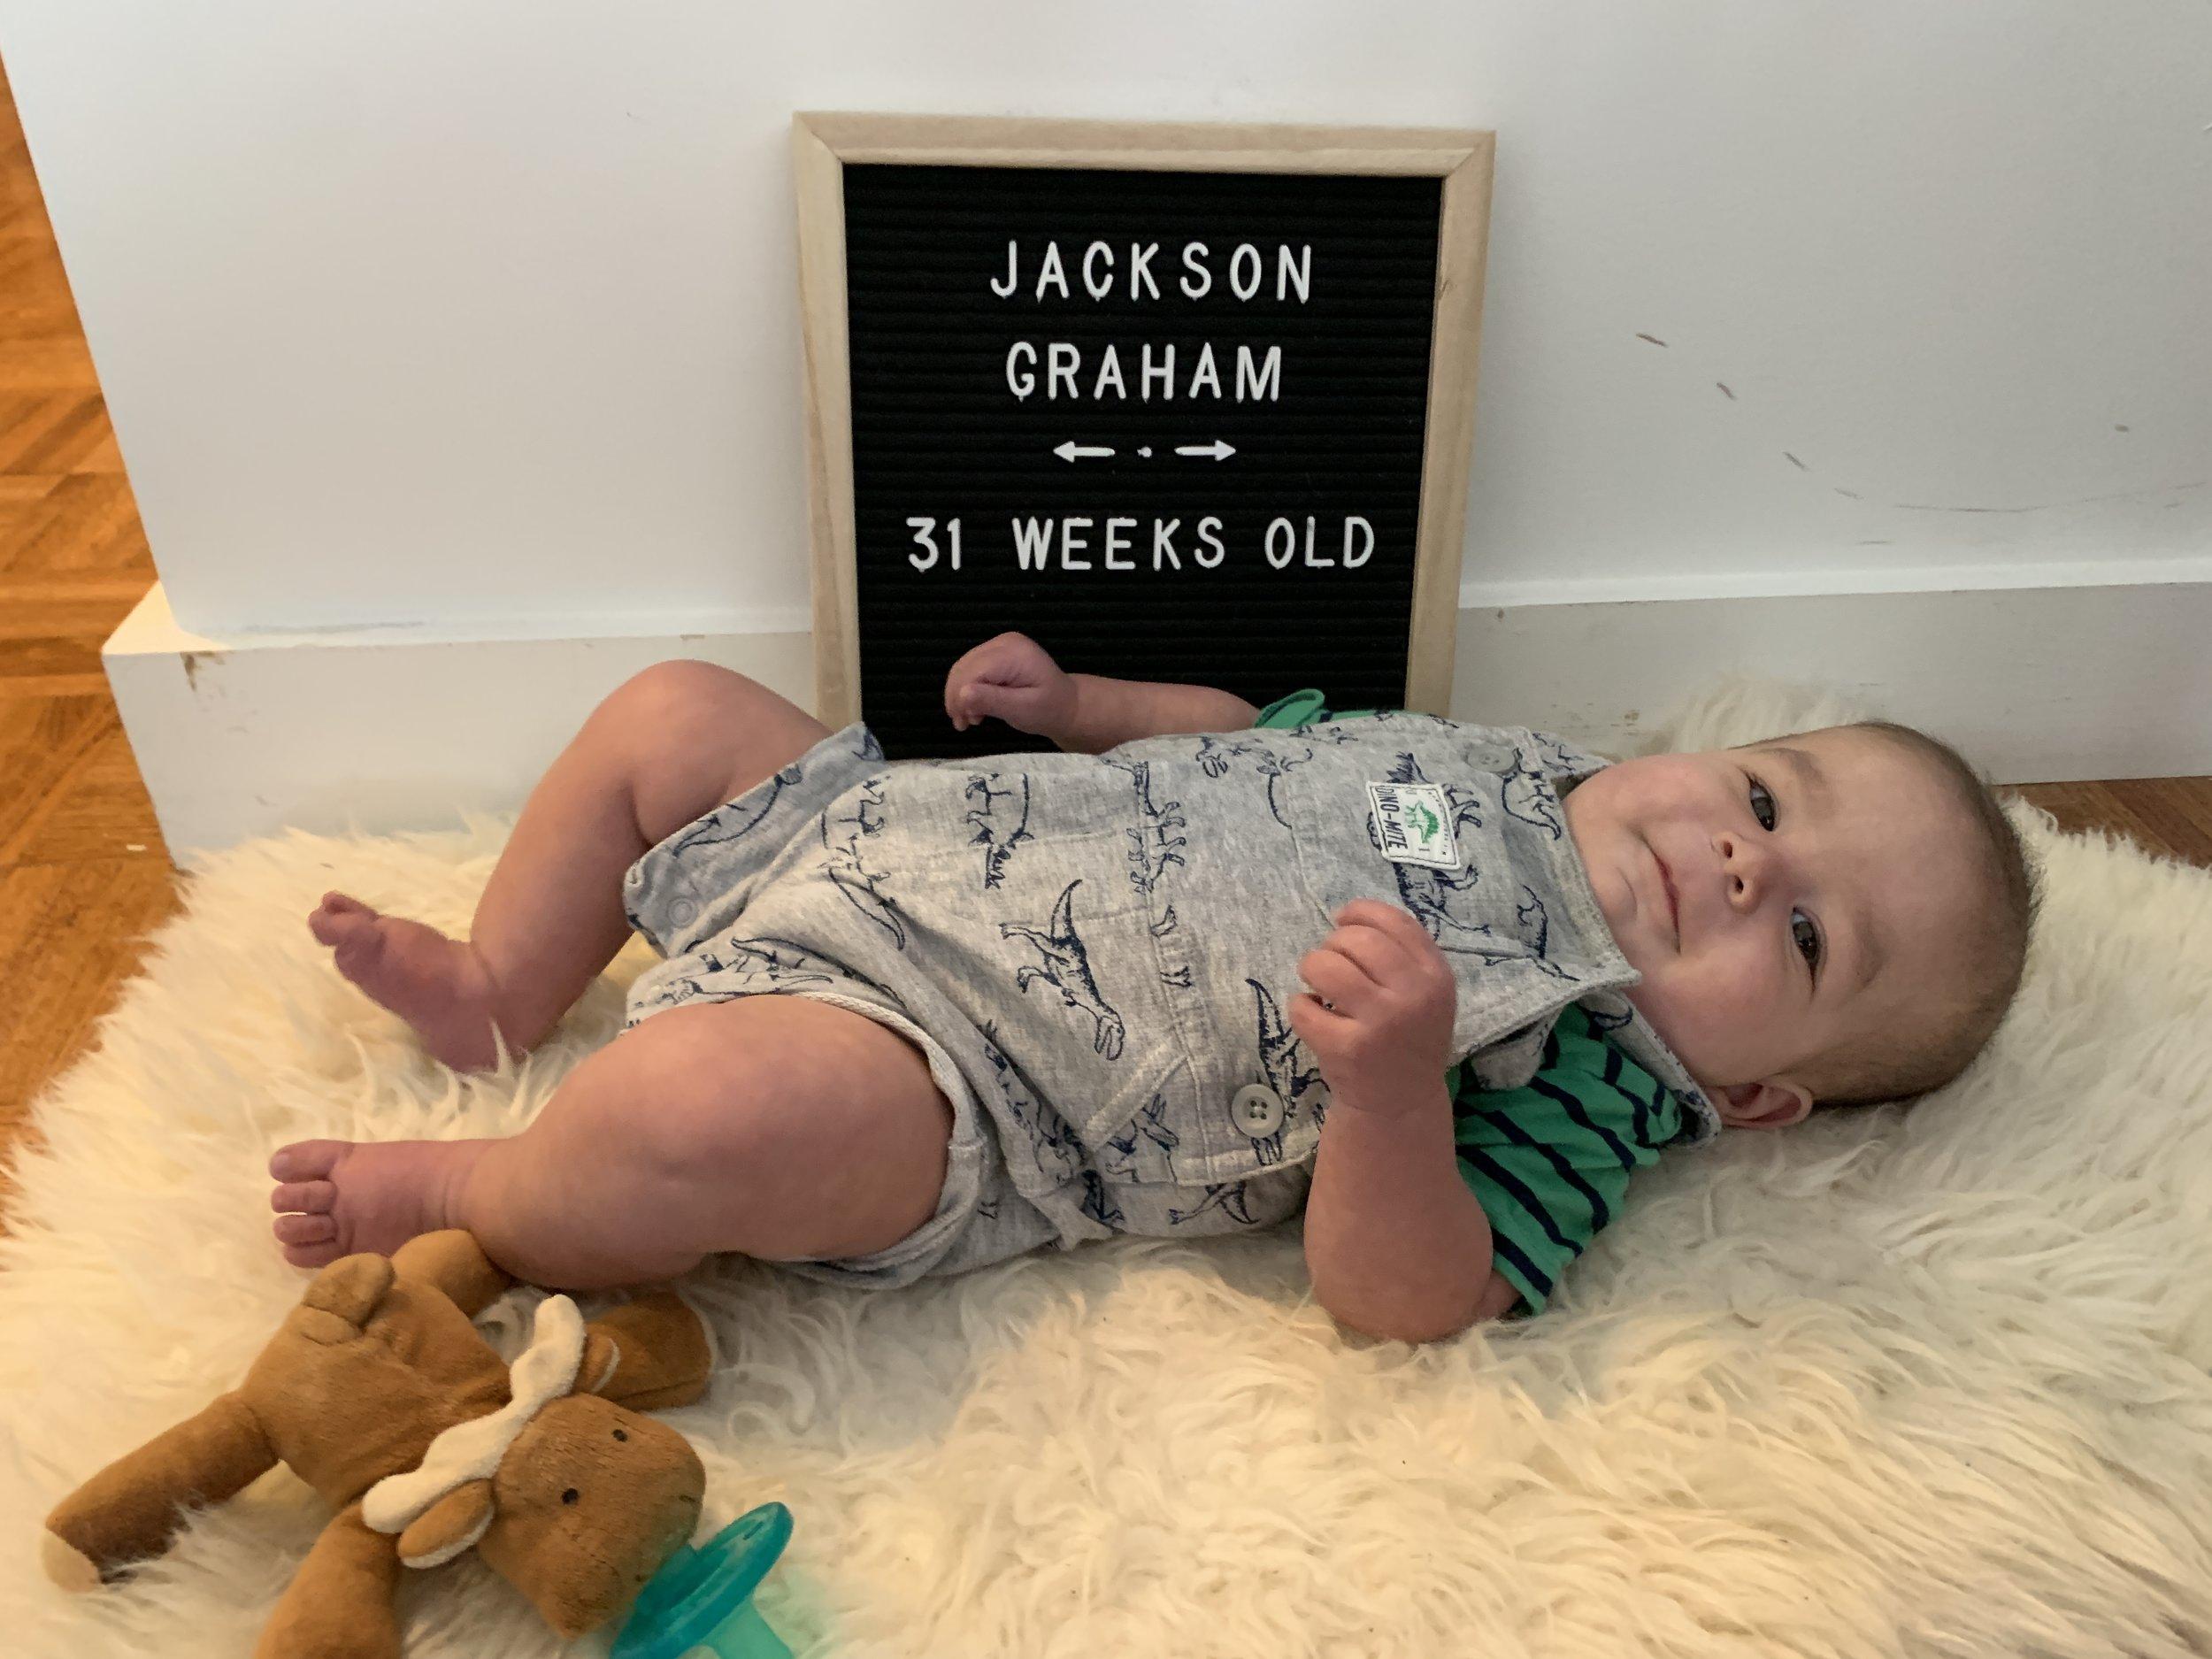 31 weeks old